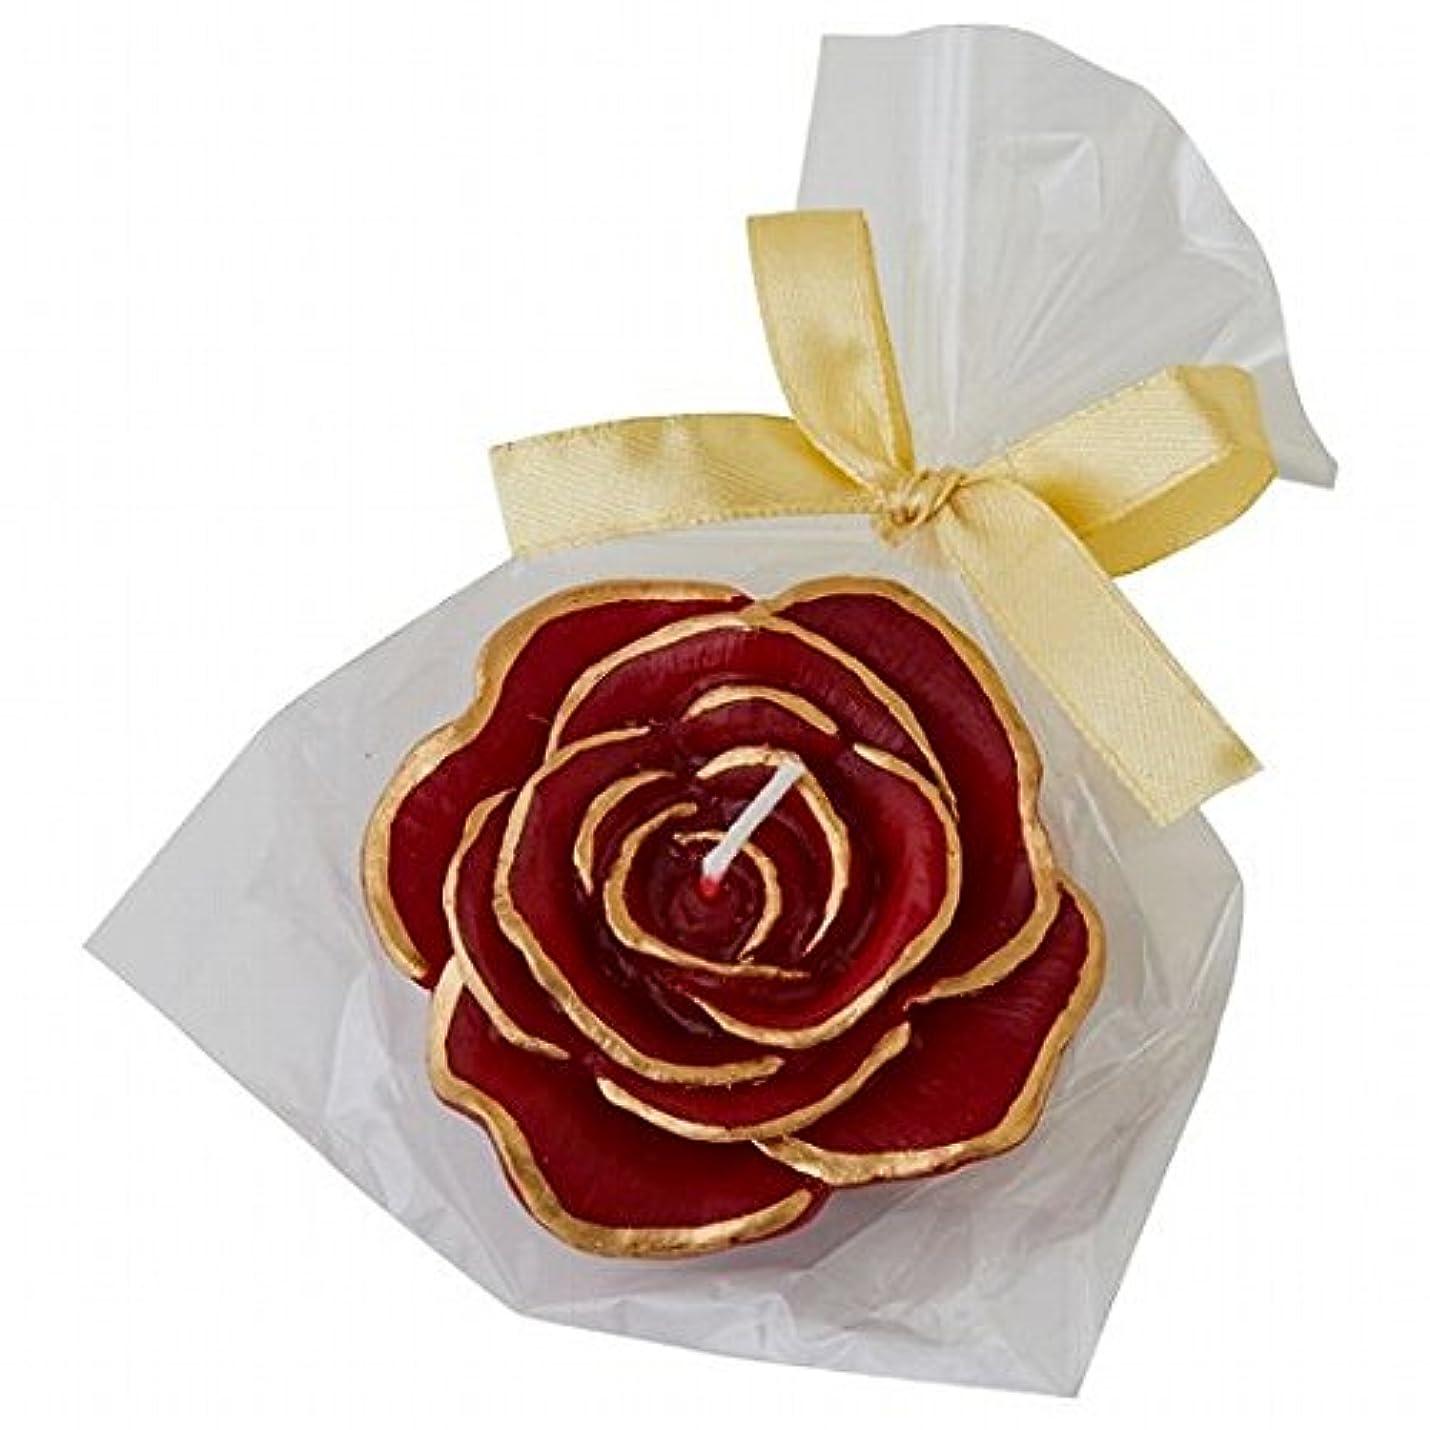 参照グレートオーク計算カメヤマキャンドル(kameyama candle) プリンセスローズ キャンドル 「ワインレッド」